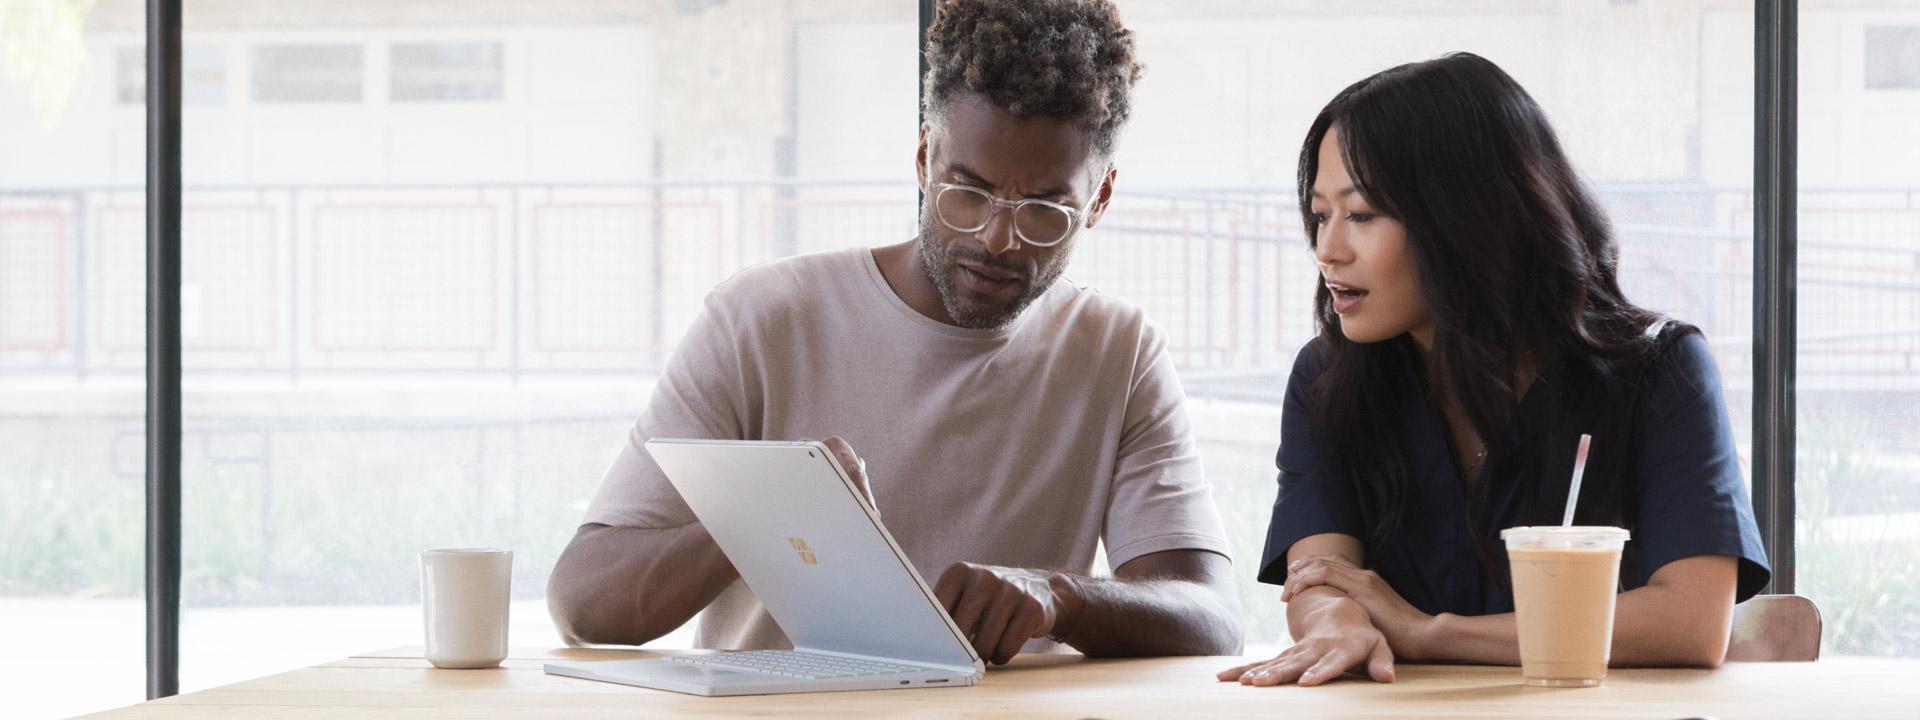 Man en vrouw kijken naar Surface Book 2 met ingevouwen toetsenbord in een café..